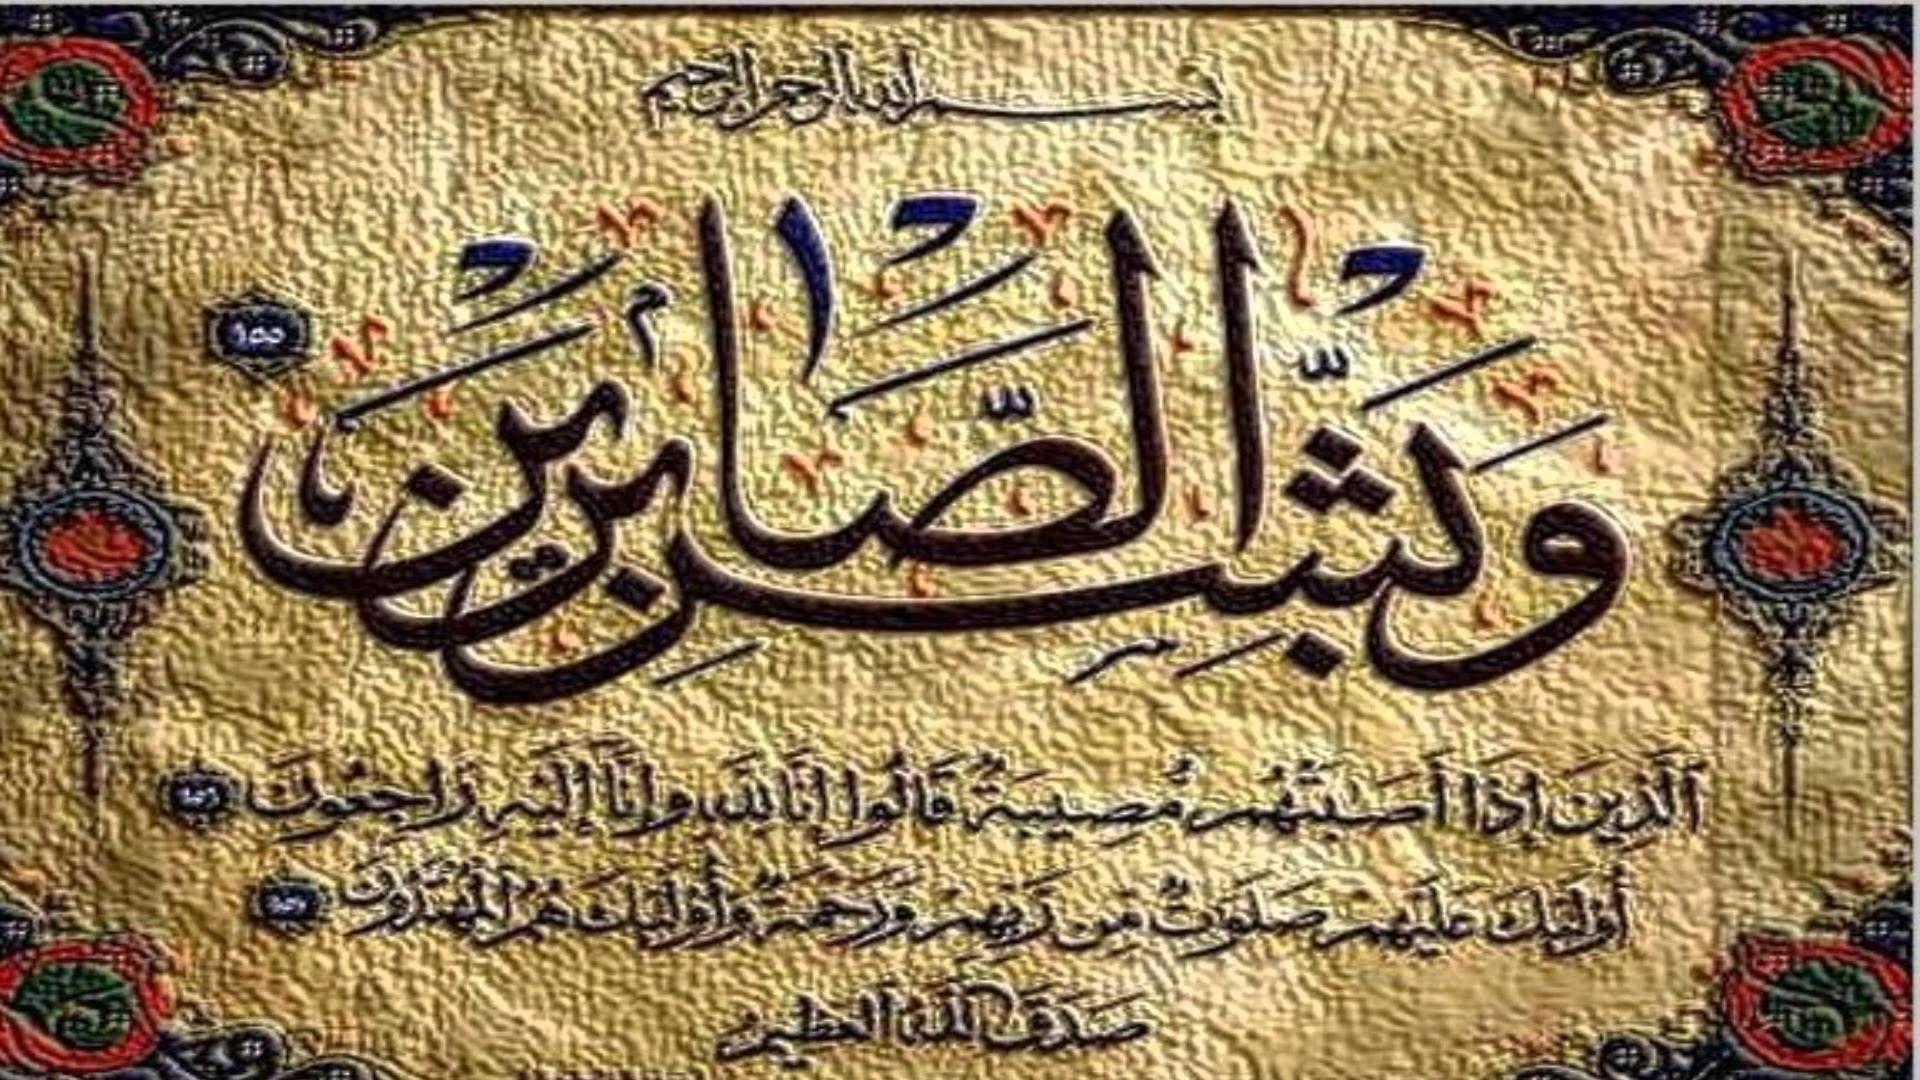 صوت جميل جدا دعاء فيه البشرى والخير ان شاء الله إ ن ا ل ل ه و إ ن Islamic Art Calligraphy Calligraphy Islamic Wallpaper